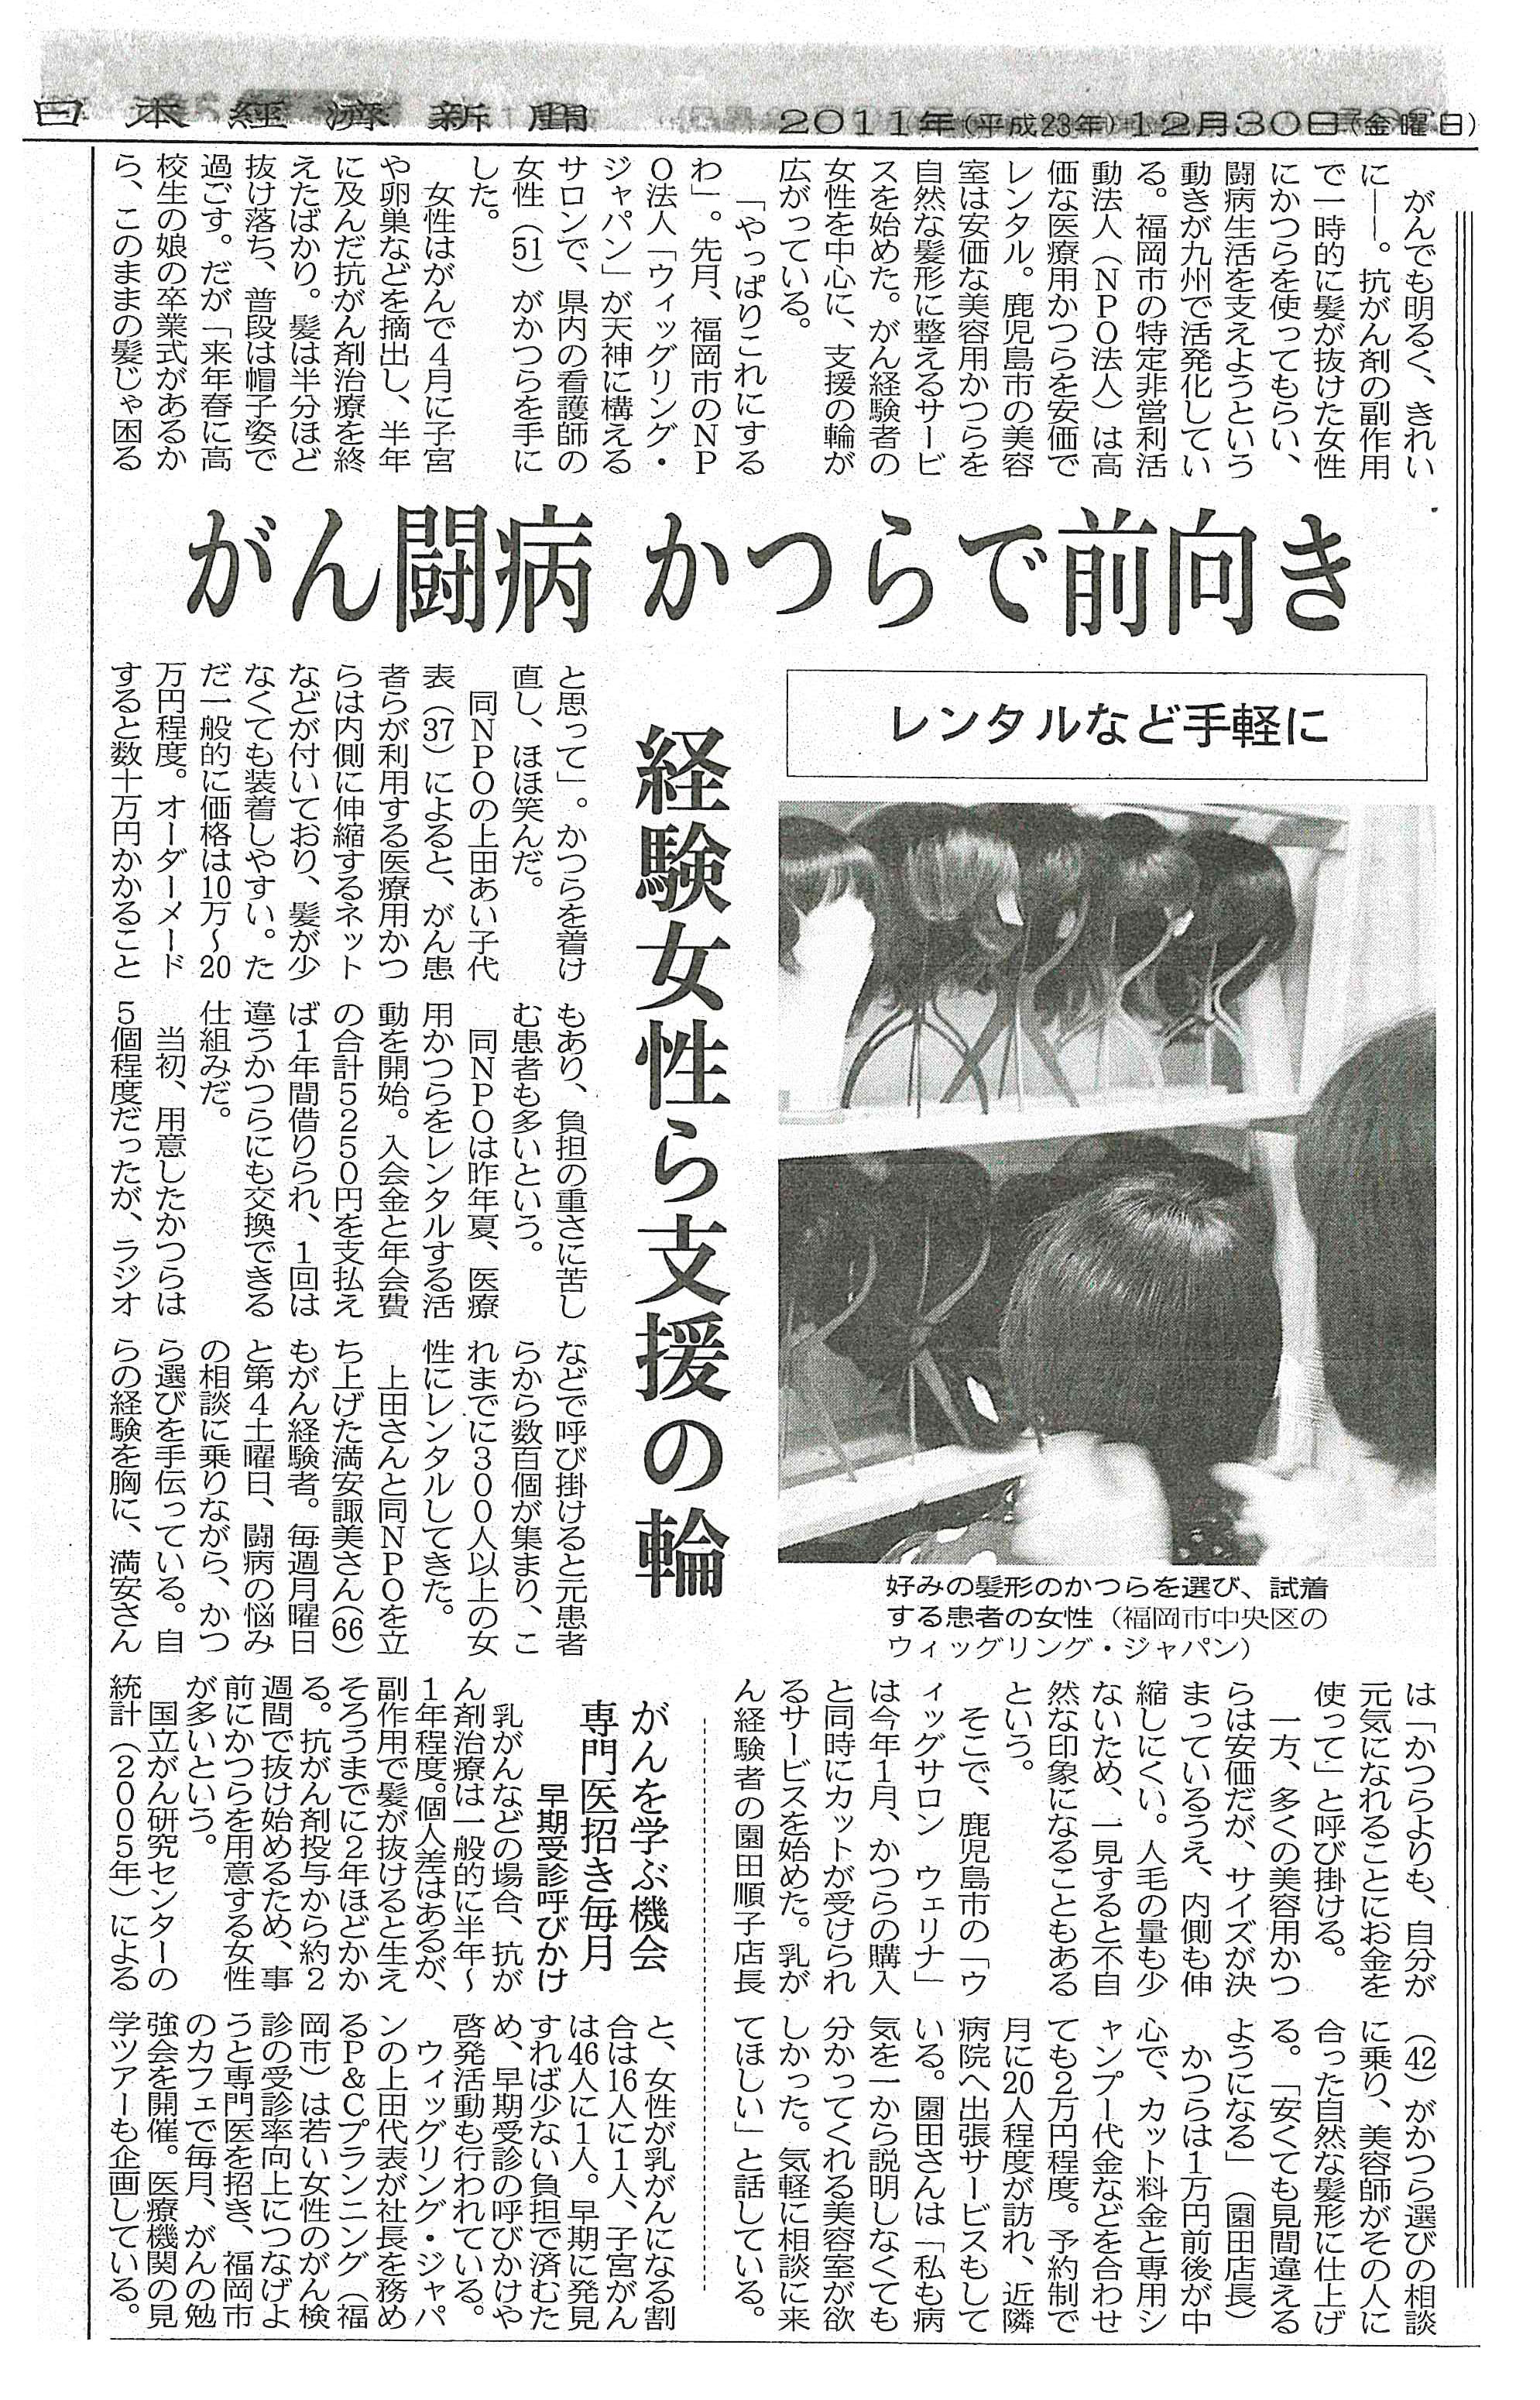 2011年(23年)12月30日(金)日本経済新聞